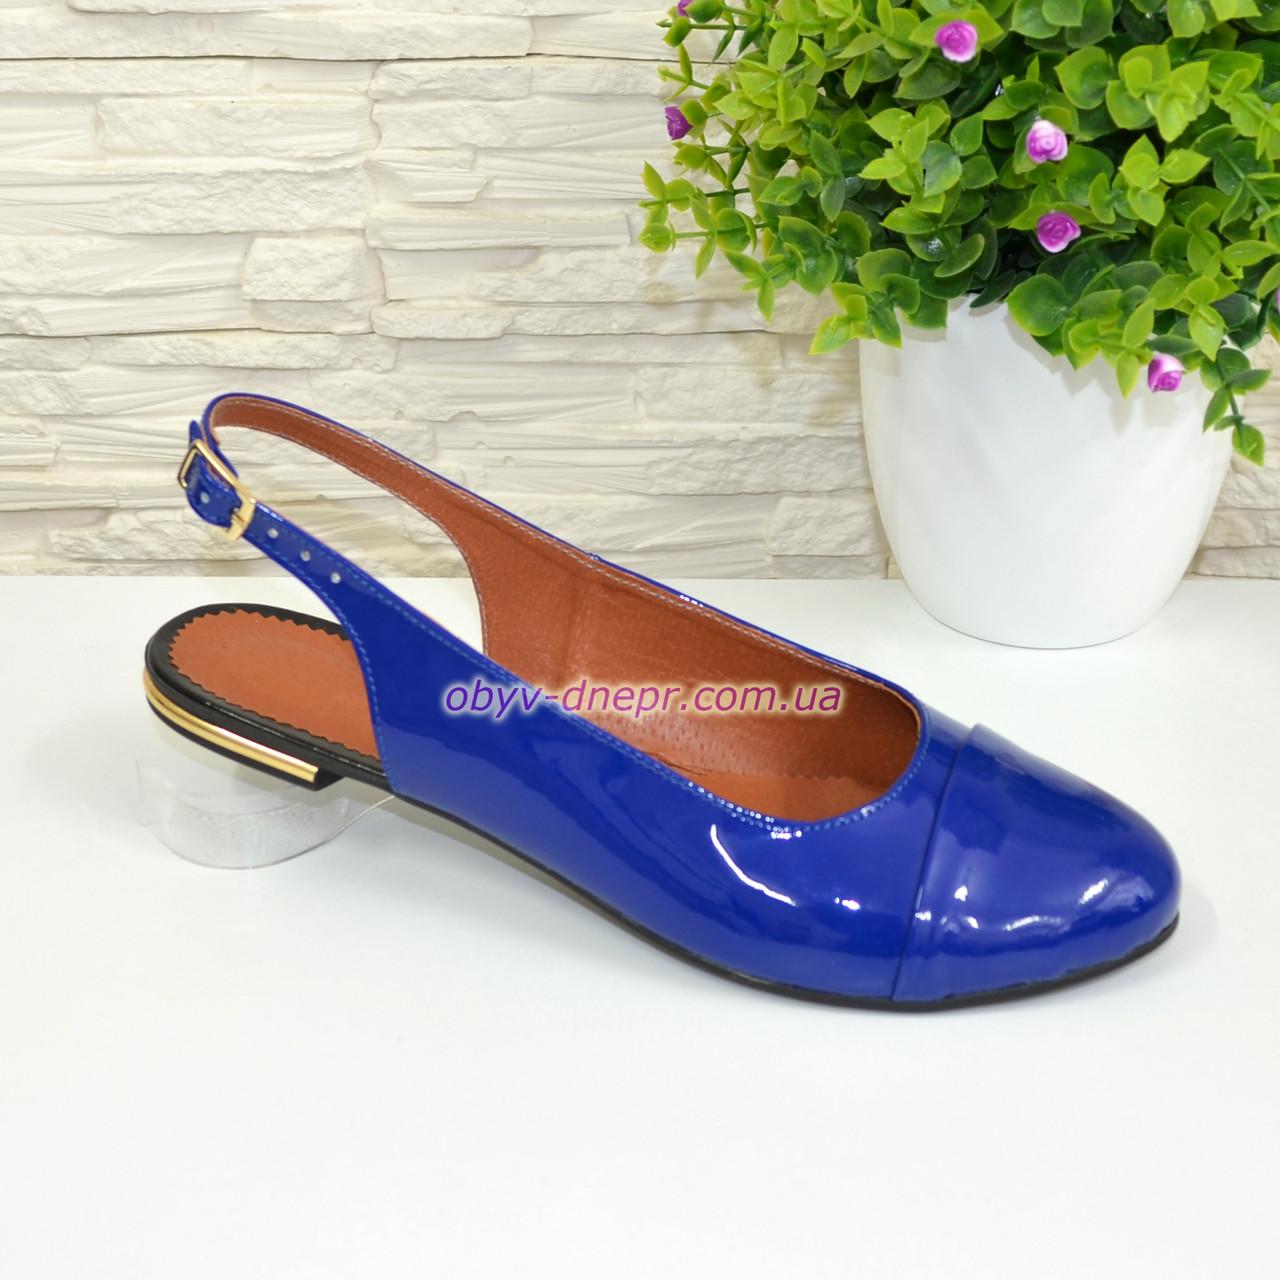 Женские лаковые босоножки с закрытым носком и открытой пяткой, цвет электрик